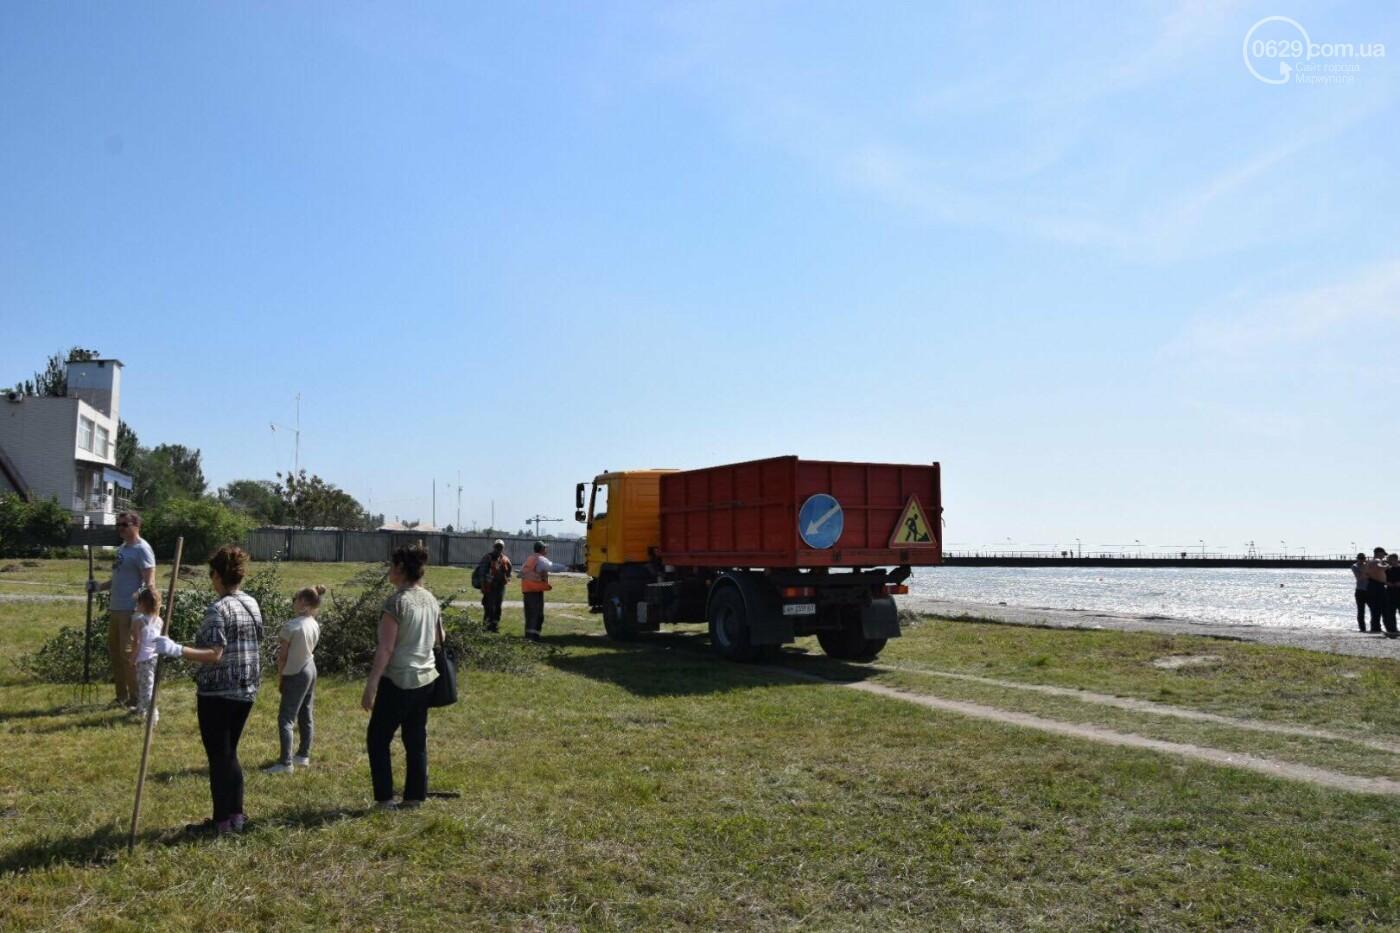 Мариупольцы устроили толоку возле моря, - ФОТО, ВИДЕО, фото-11